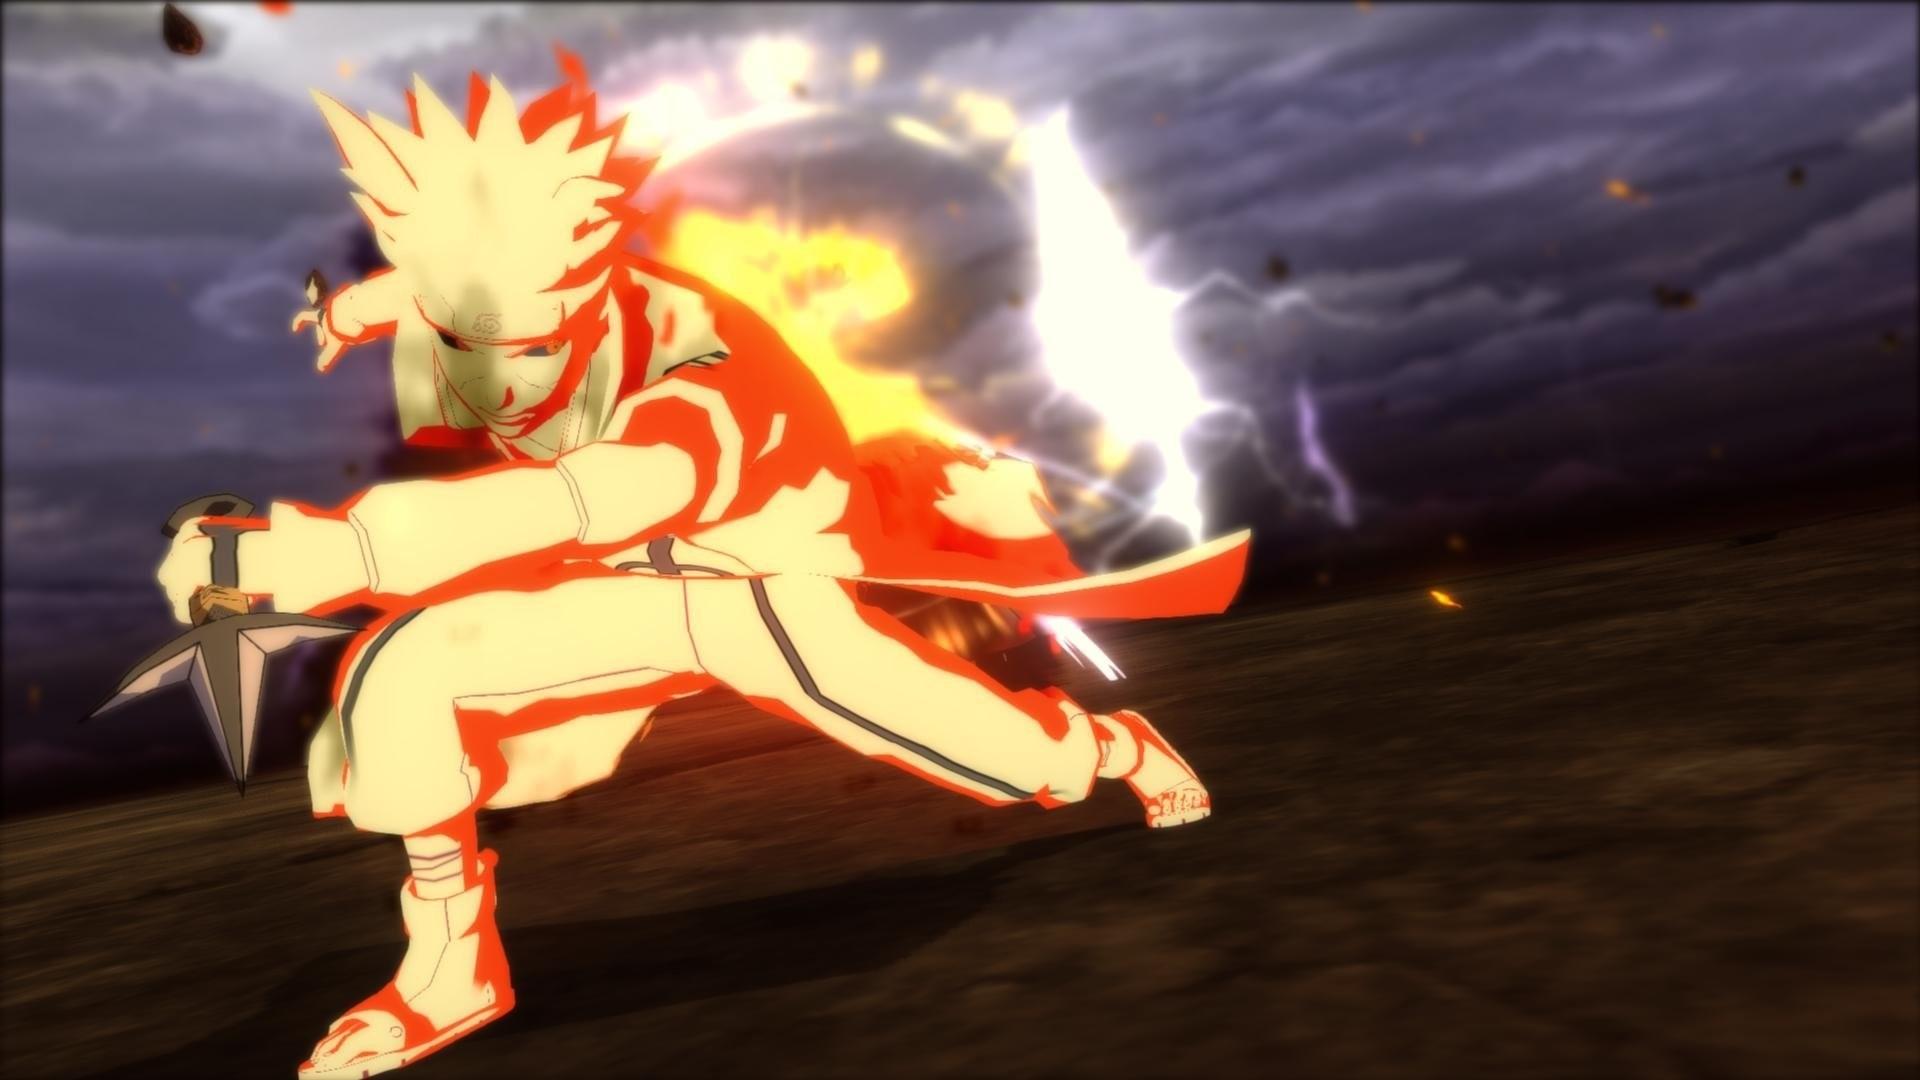 Jeux Vid̩o РNaruto Shippuden: Ultimate Ninja Storm Revolution Minato  Namikaze Fond d'̩cran